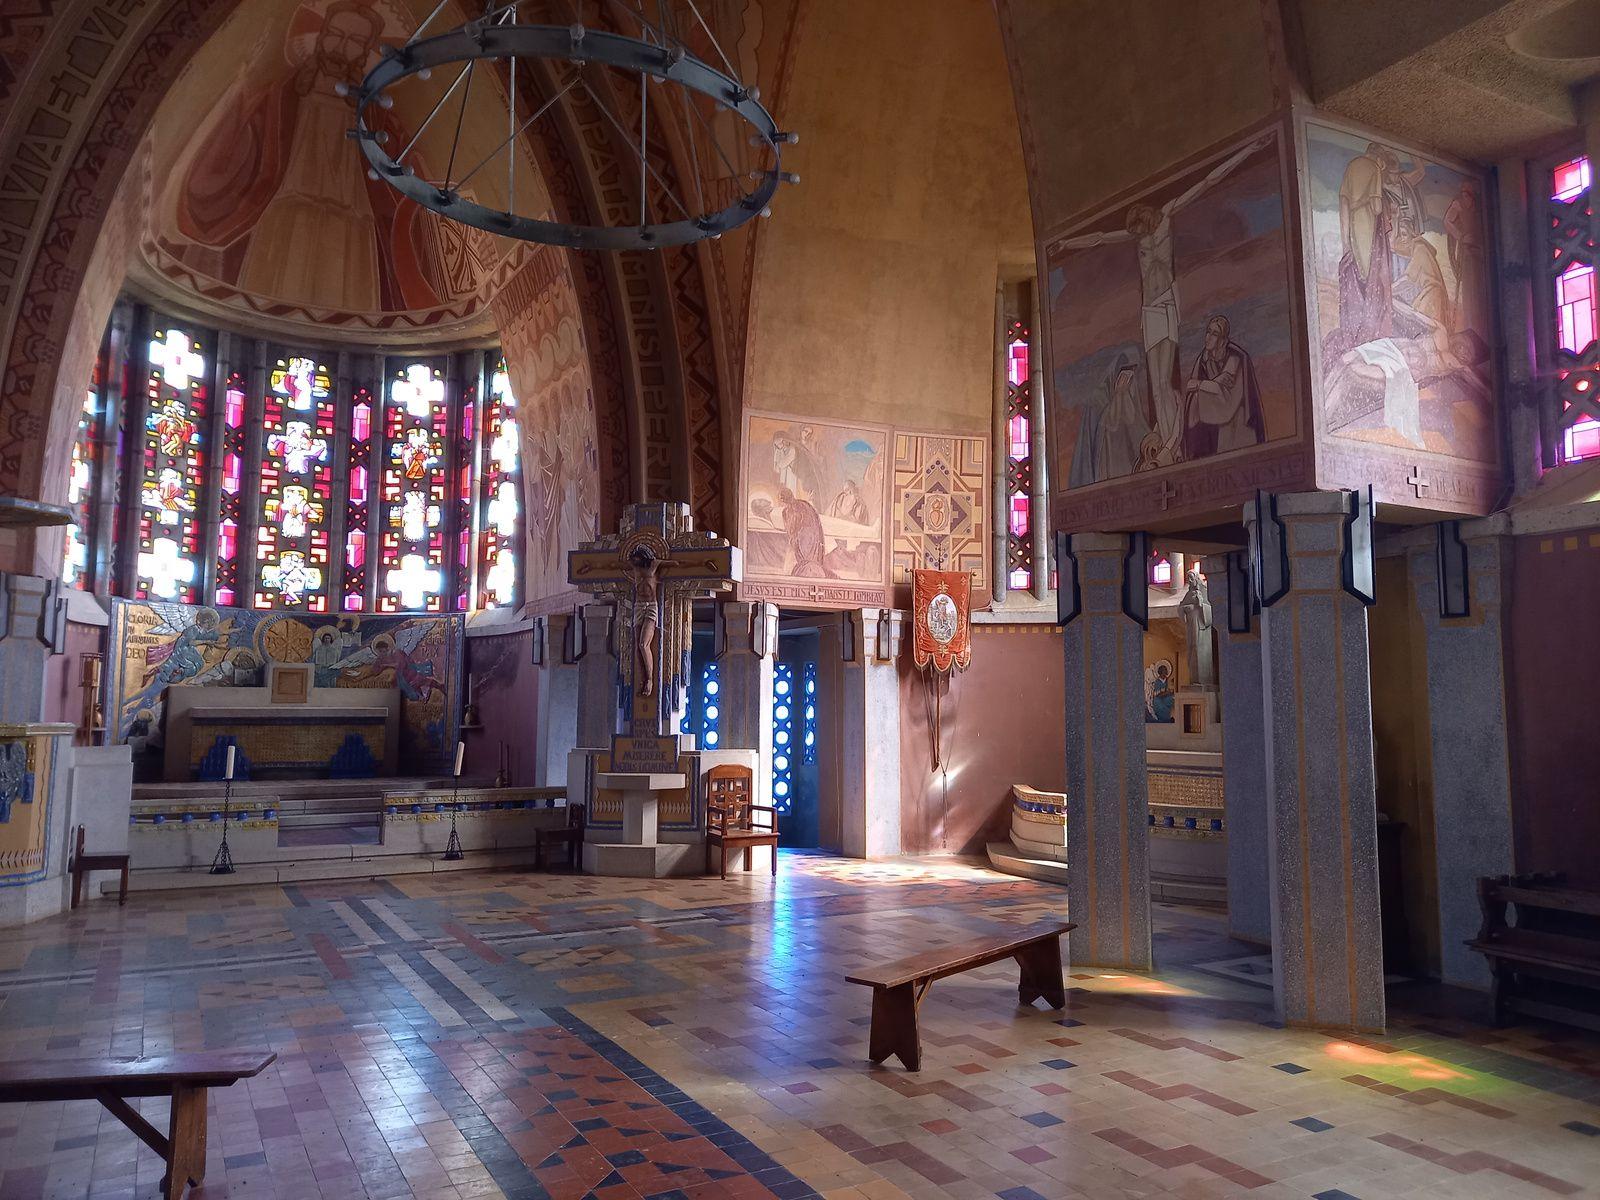 Les décors intérieurs de l'église sont classés à l'inventaire des monuments historiques depuis 1997